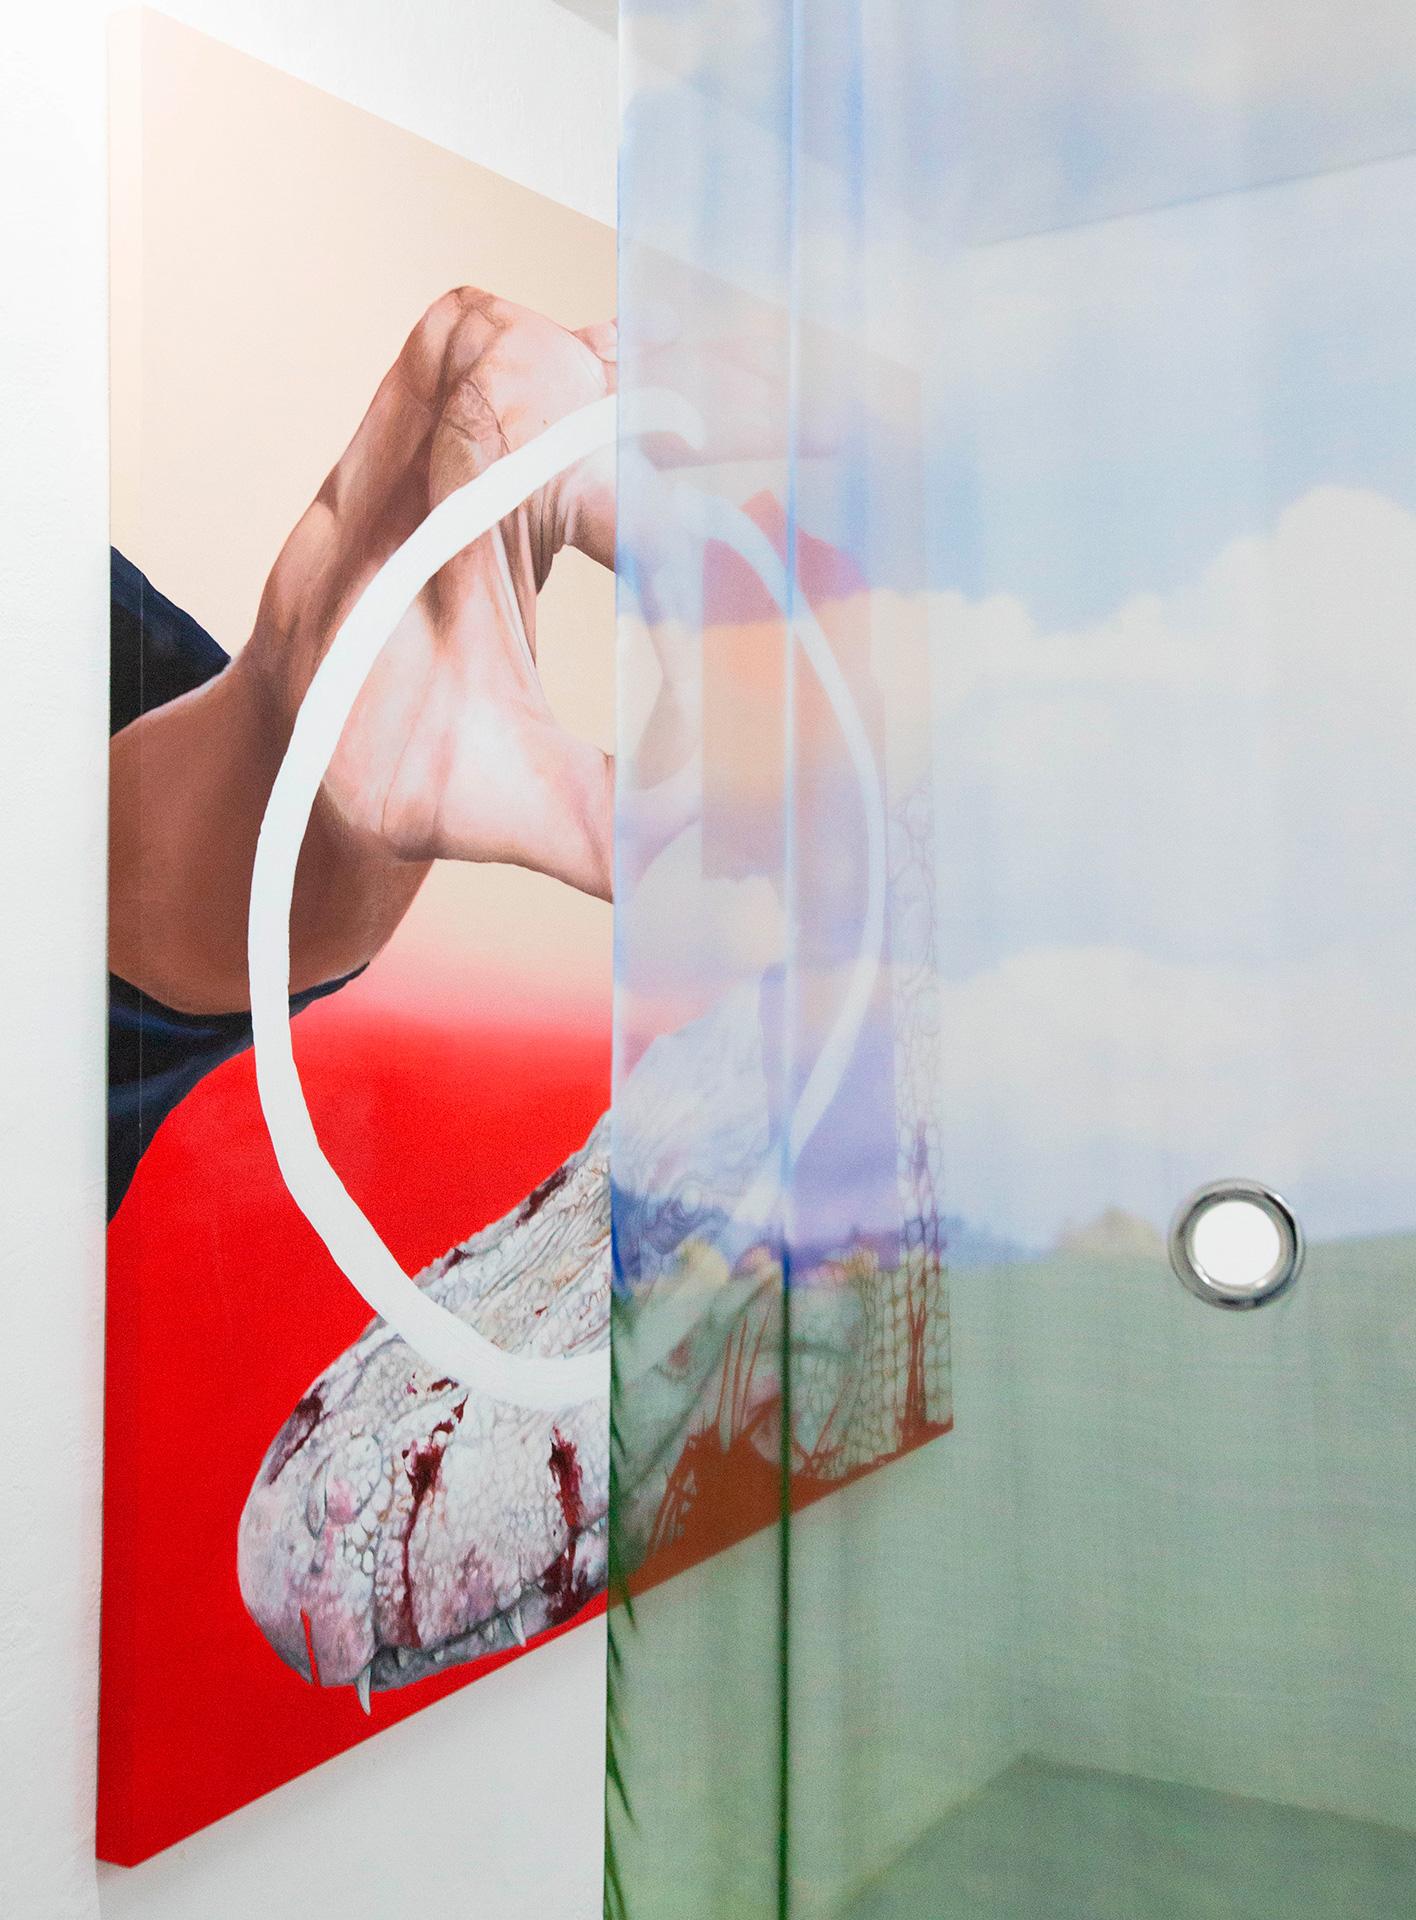 15 Andrea Martinucci - Glory Black Hole, exhibition view, Dimora Artica (ph Andrea Cenetiempo).jpg